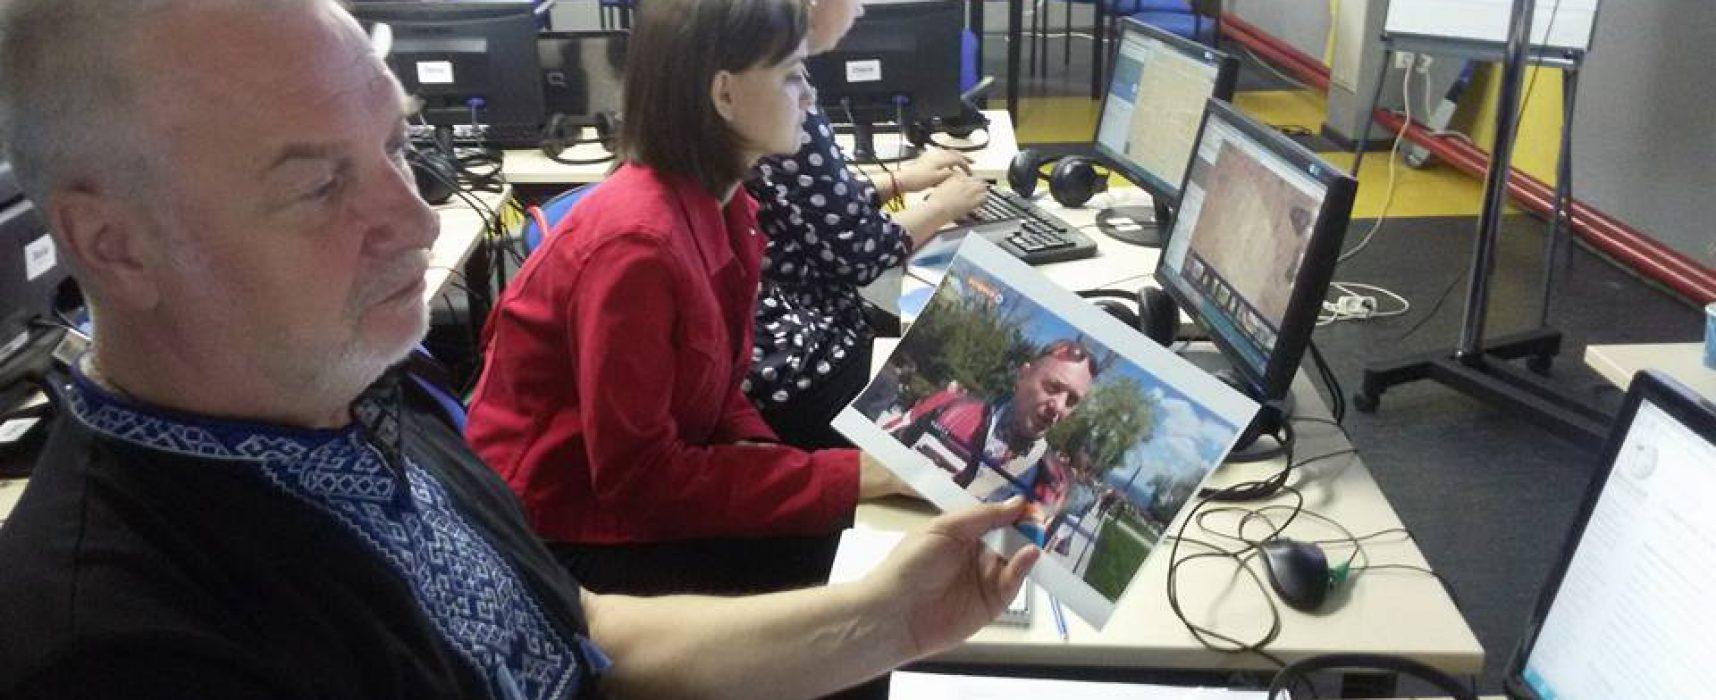 StopFake и Bellingcat  помогают университетам преподавать фактчекинг